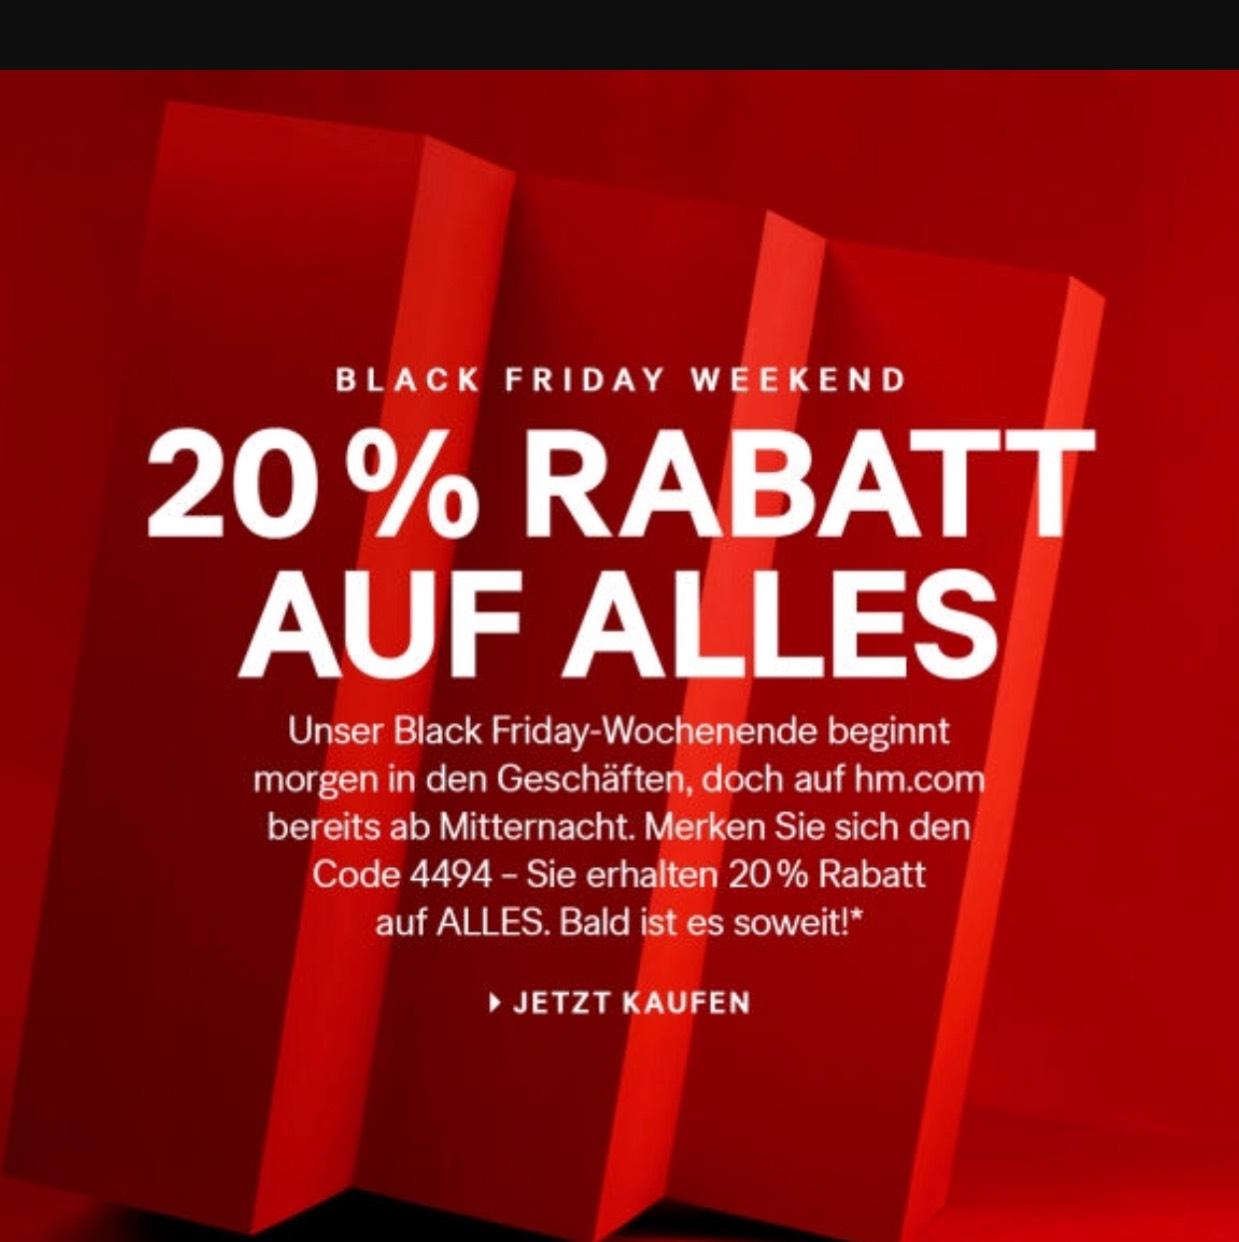 H&M Offline (In der Filiale) Black Friday - 20% auf alles außer Sale